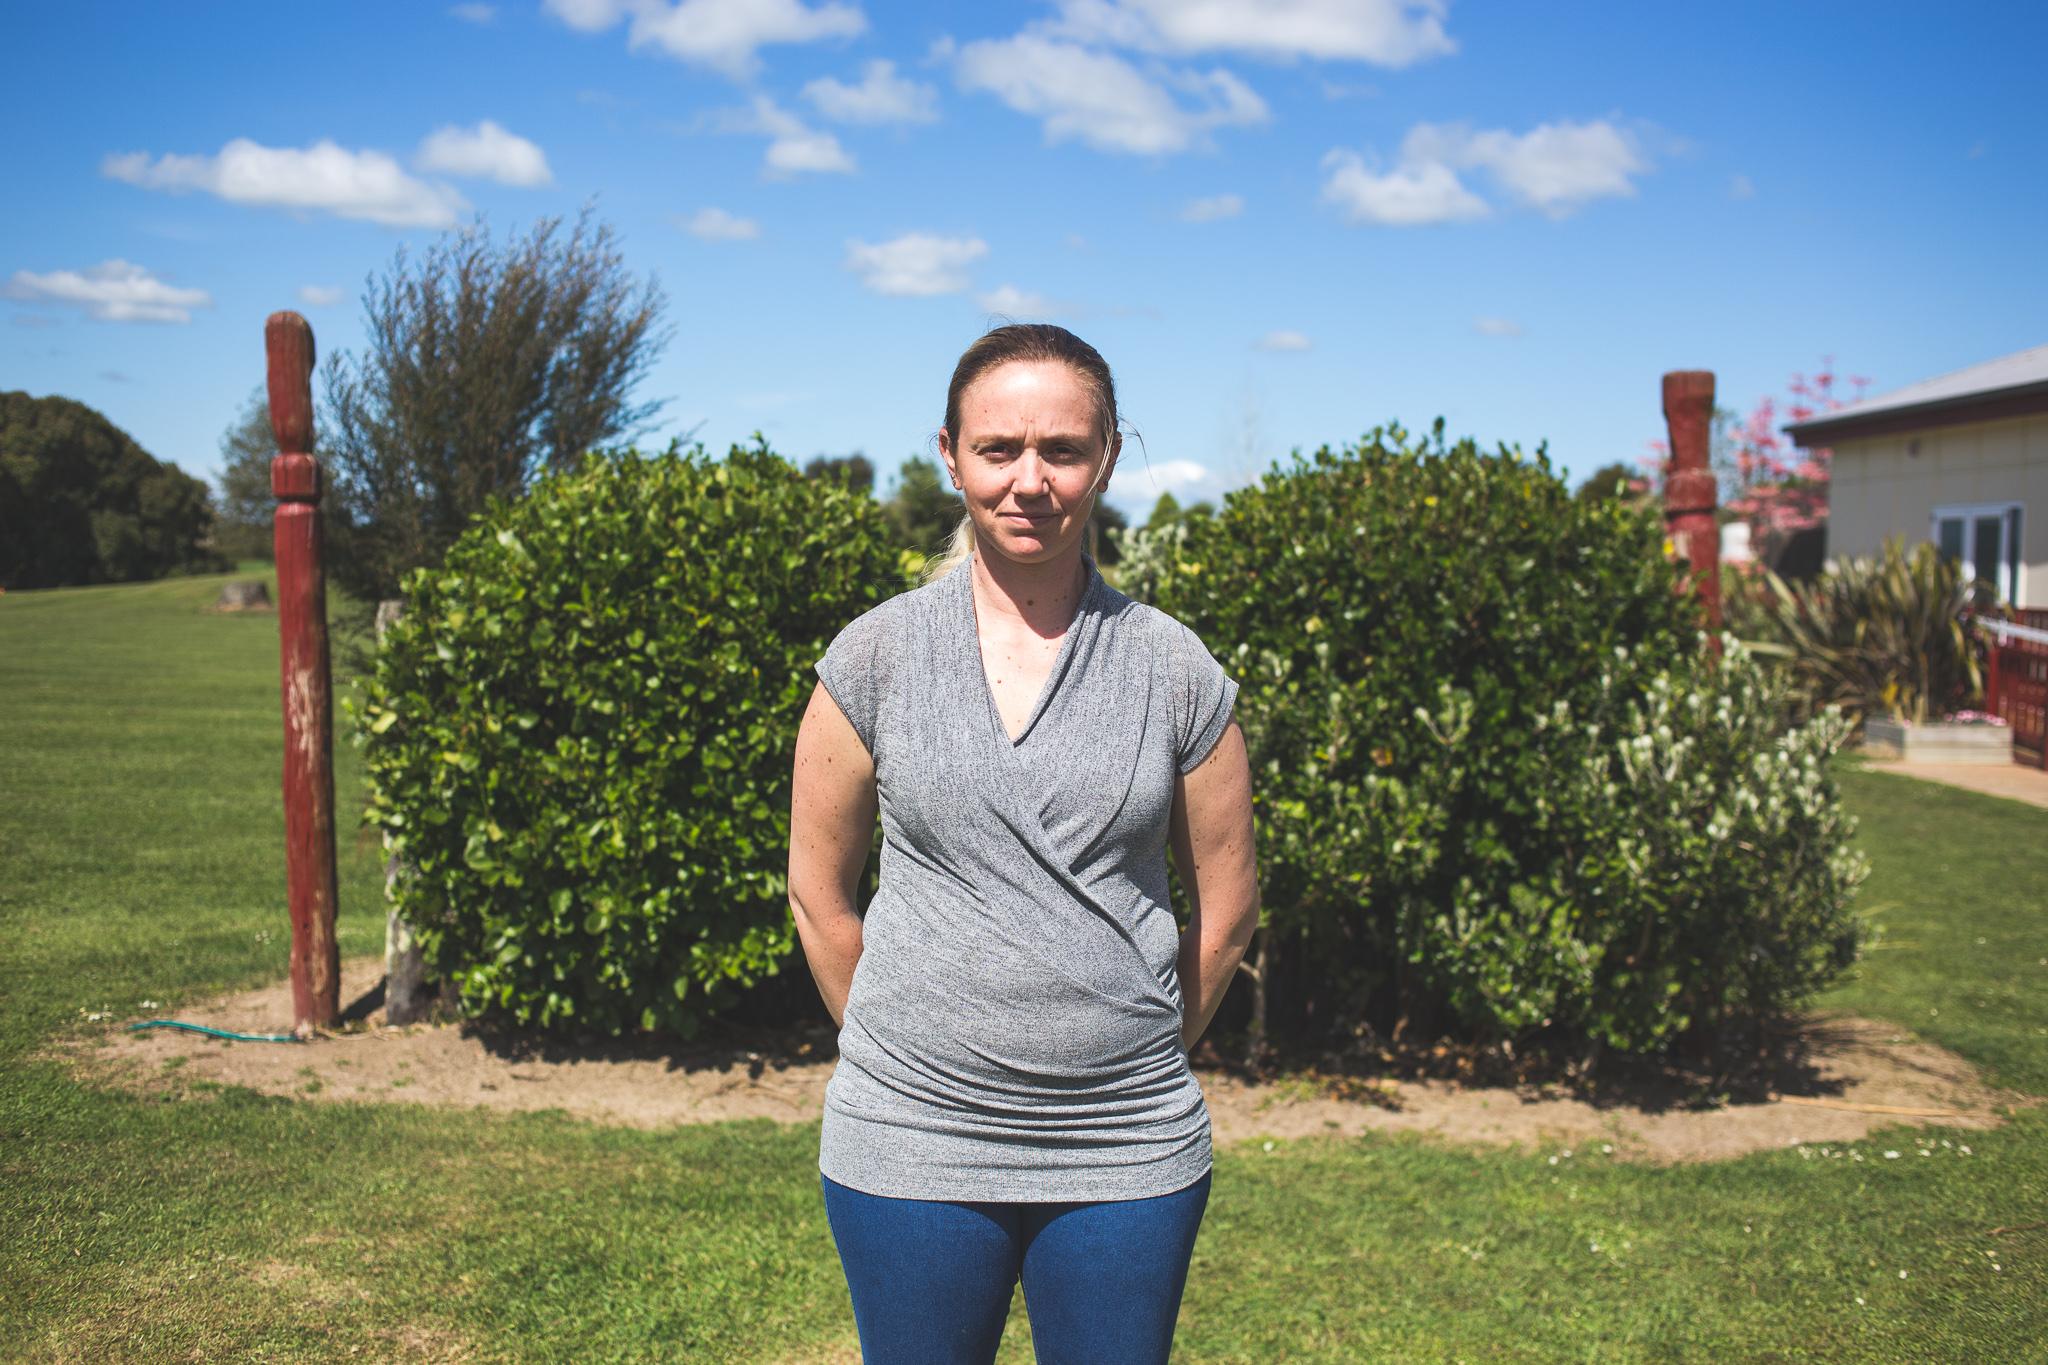 Aimee Tupaea - Ko Tainui te wakaNō Waikato ahauKo Aimee Tupaea tōku ingoaKo au te Pou Whakrite o Ngā Kaitiaki o te Awa o PūniuContact: admin@puniuinc.org